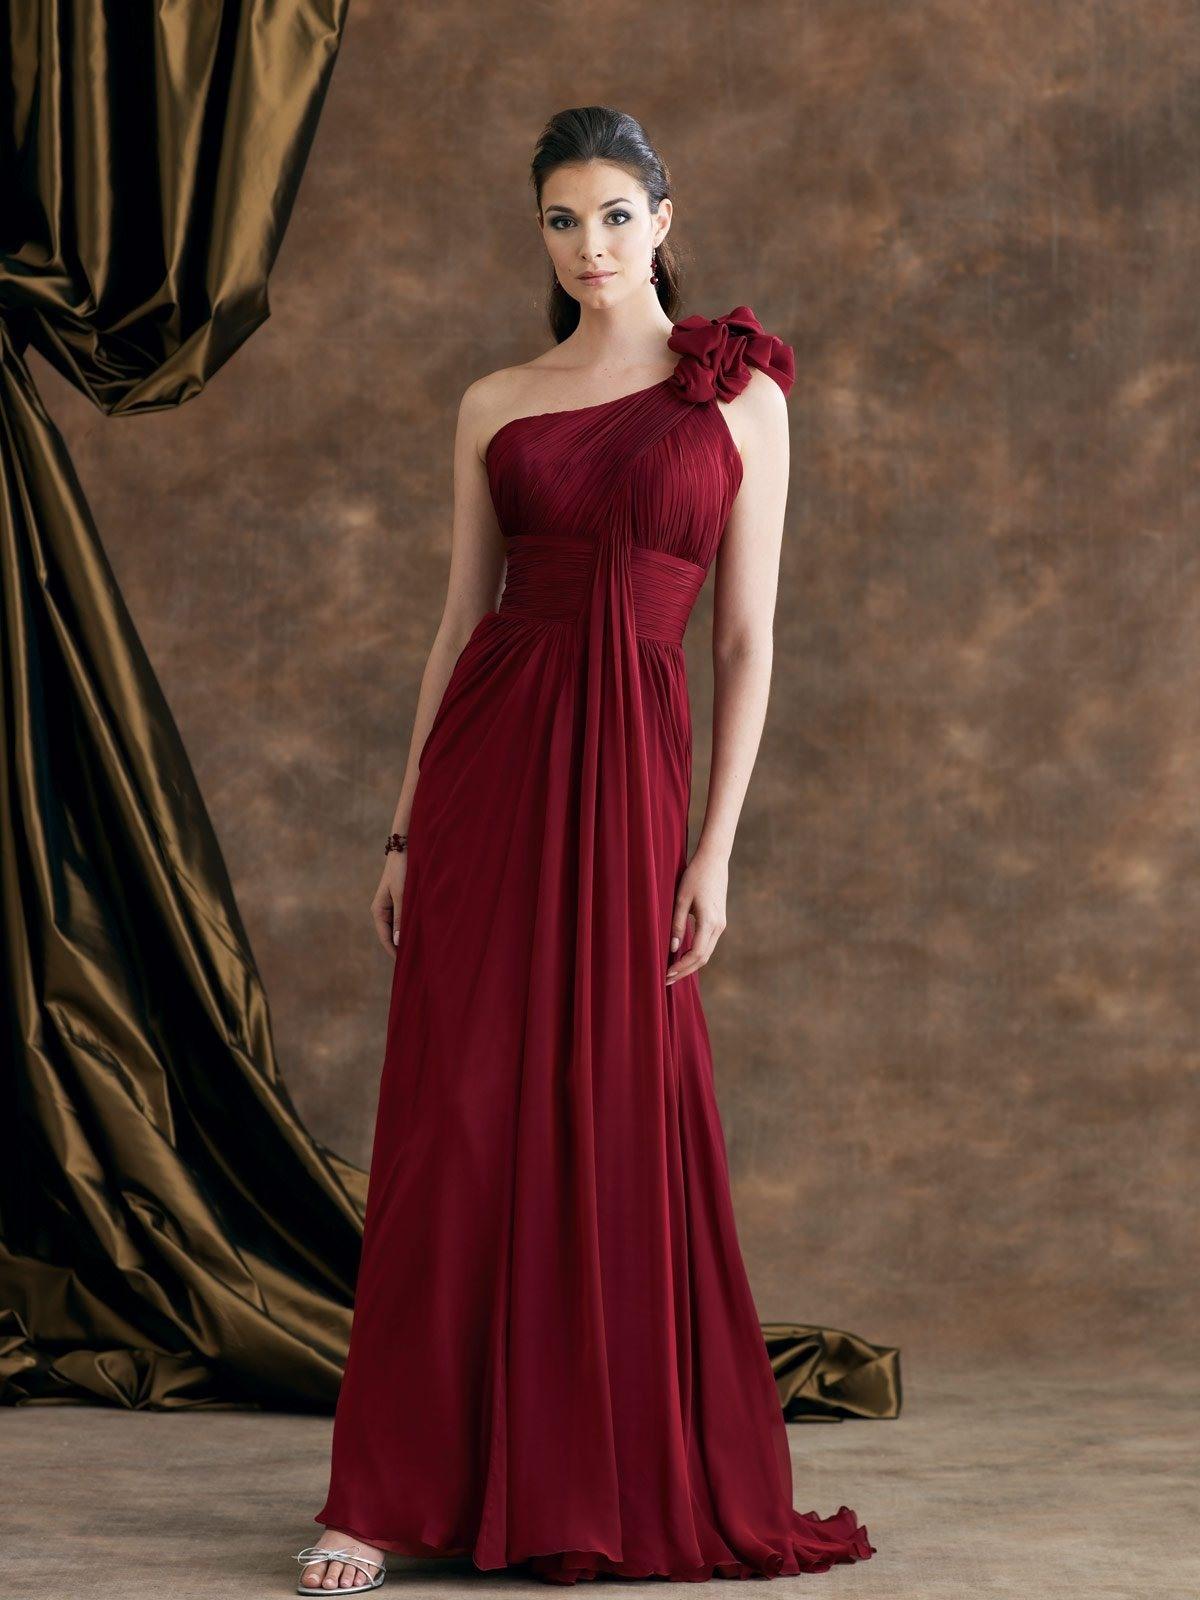 Abend Top Türkische Abendkleider Vertrieb10 Coolste Türkische Abendkleider für 2019